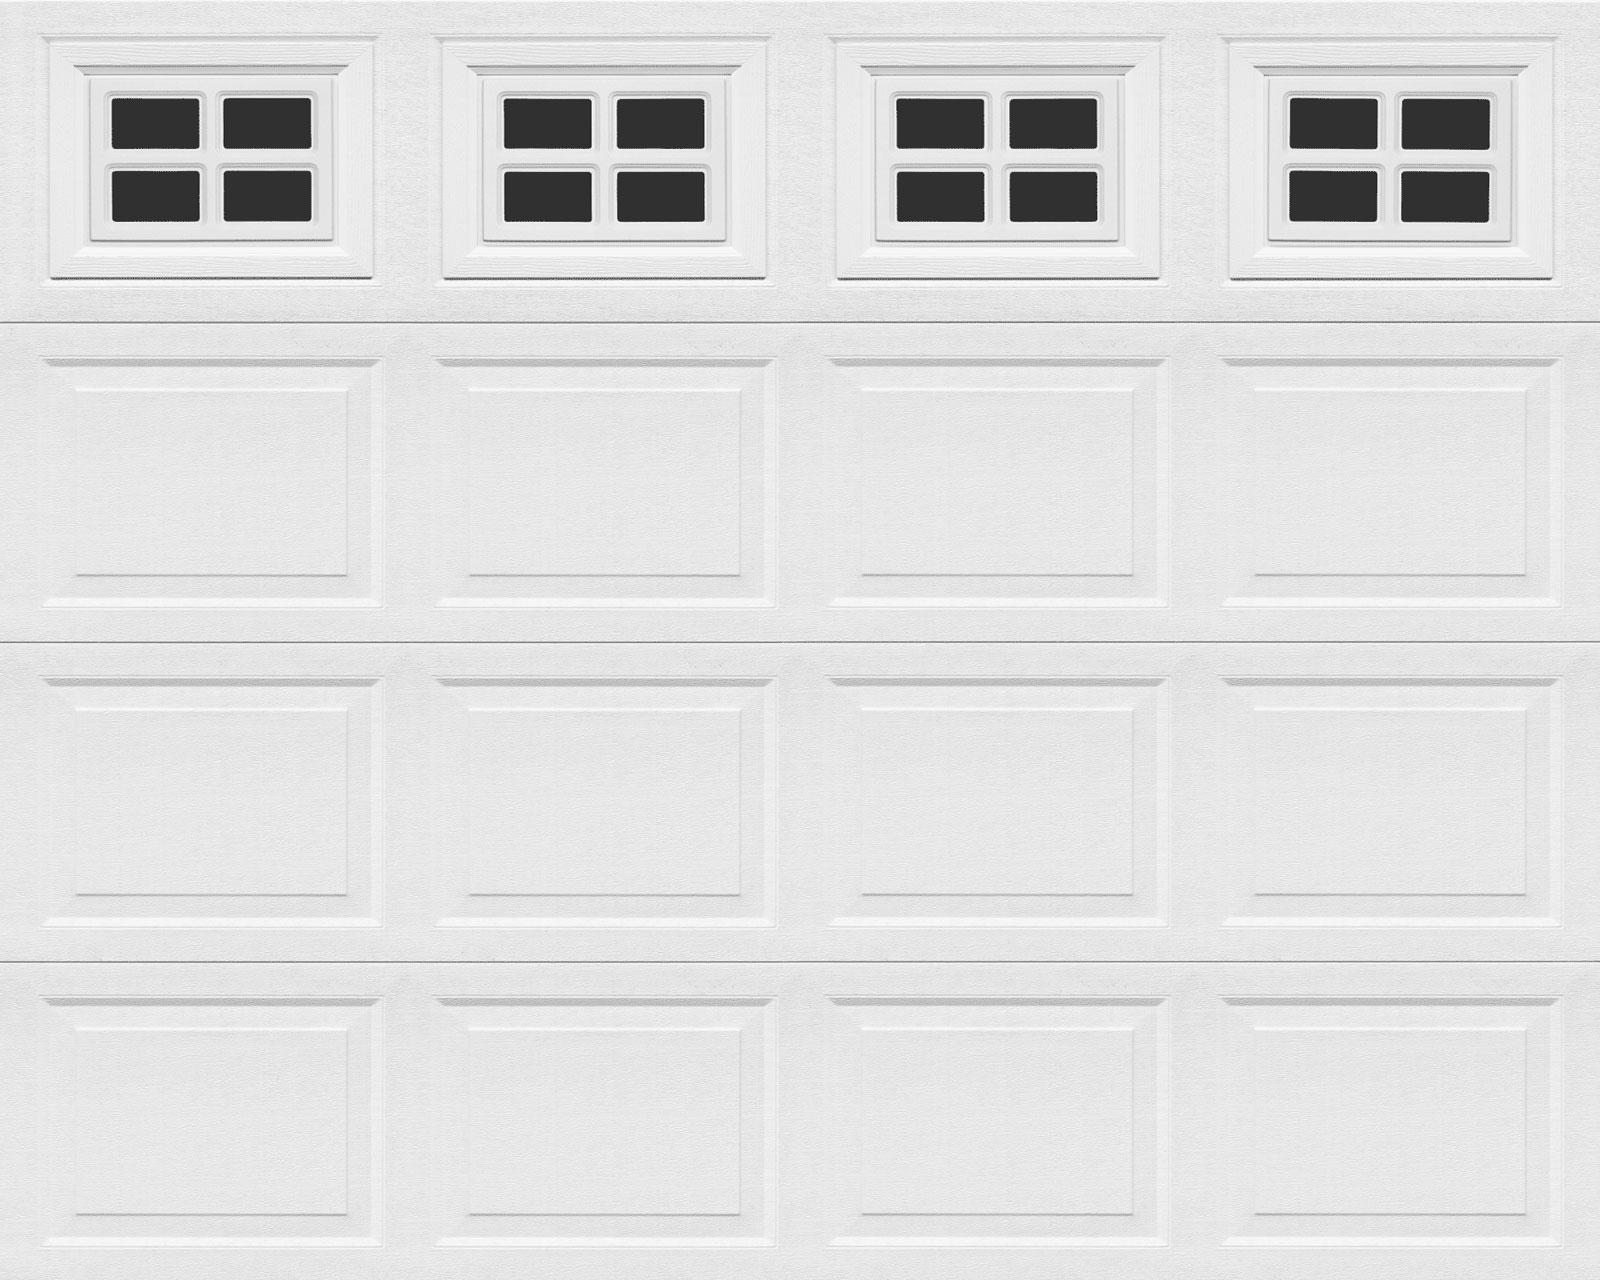 austin door tx doors service garage repair garagedooraustinimage